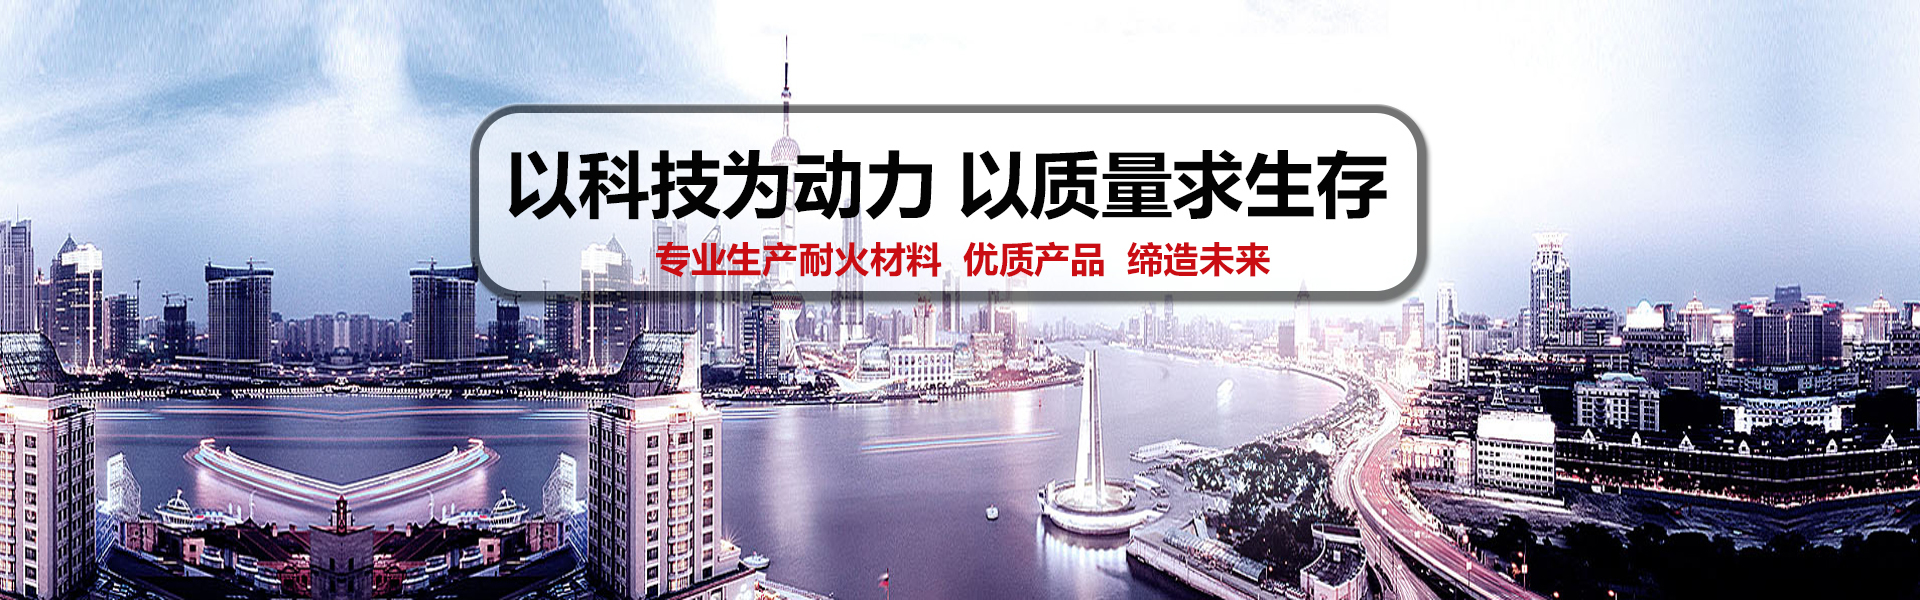 12bet.com_洛阳九霄12博官网